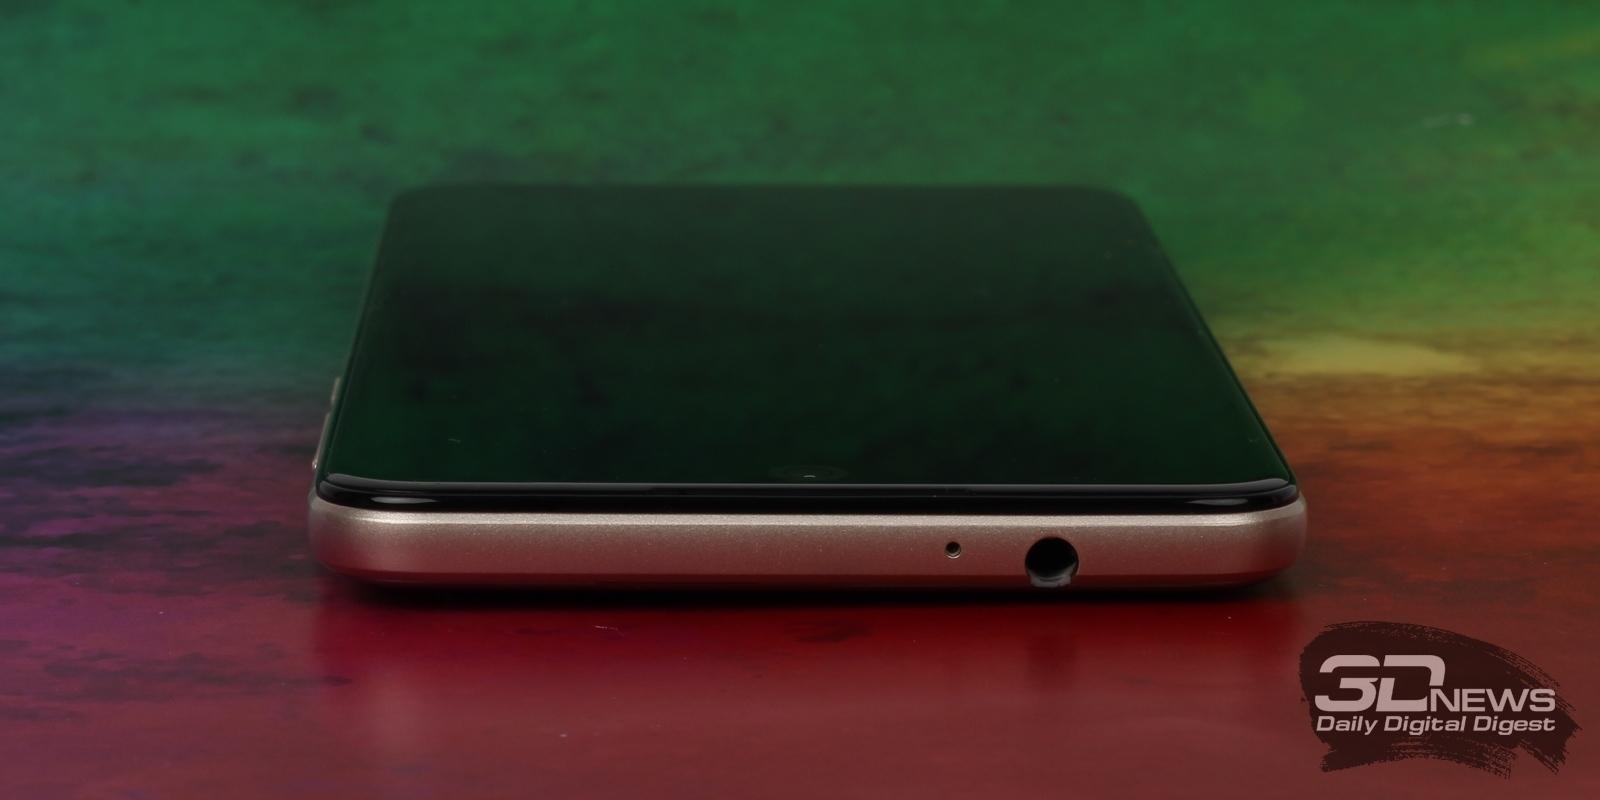 b902157976c2f Обзор смартфона BQ Universe: бюджетник с декольте / Смартфоны